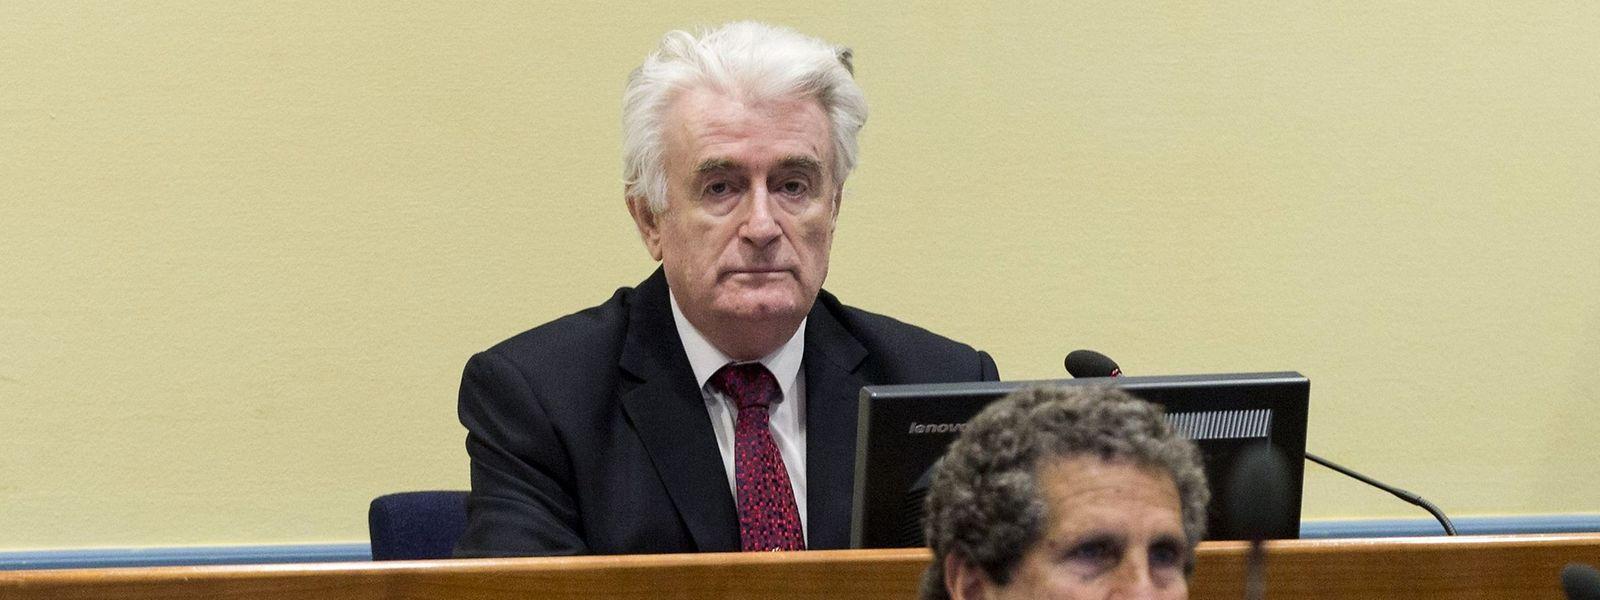 Chantre de l'épuration ethnique, Karadzic avait fait appel des 40 ans de prison prononcés en 2016 pour crimes de guerre, crimes contre l'humanité et génocide. La peine a été aggravée.